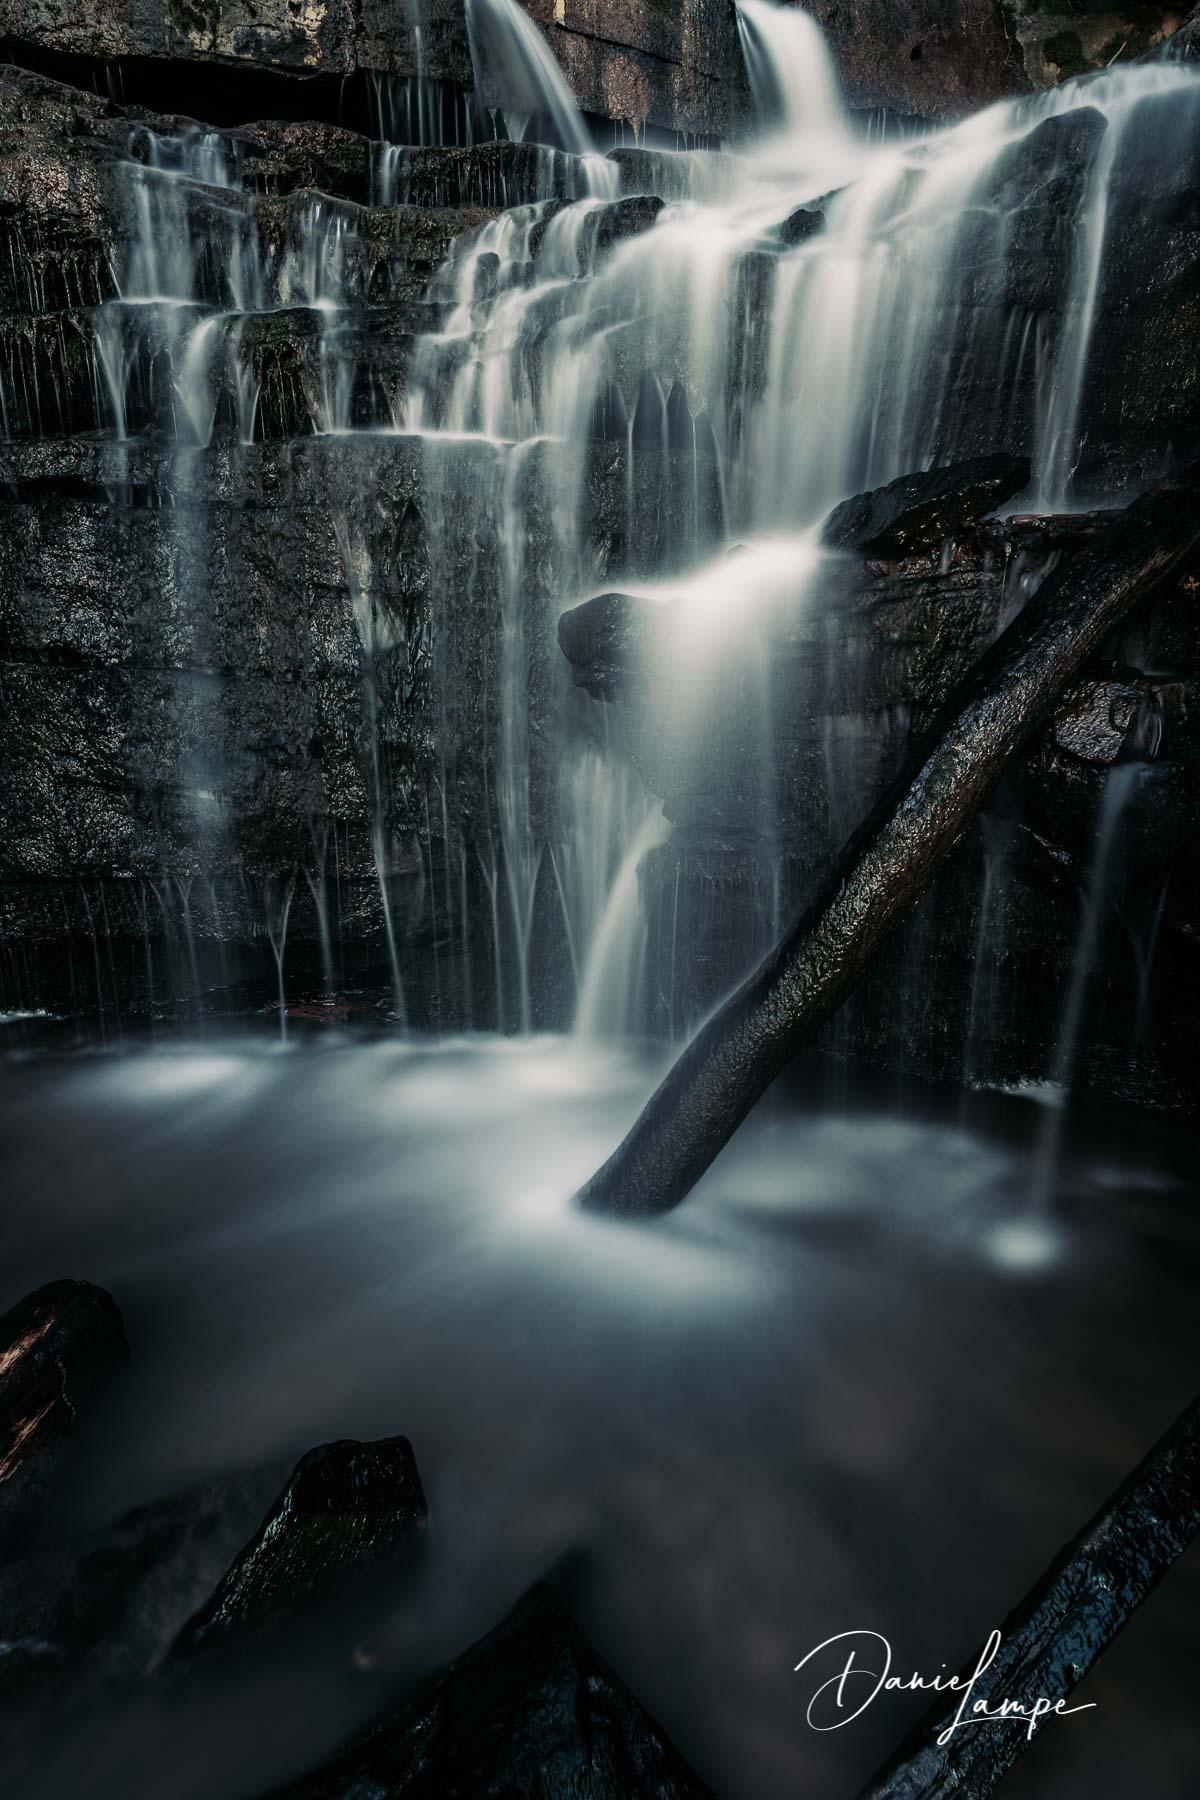 Deutschland, Odenwald, Neckargerach, Margarethenschlucht, Wasserfall